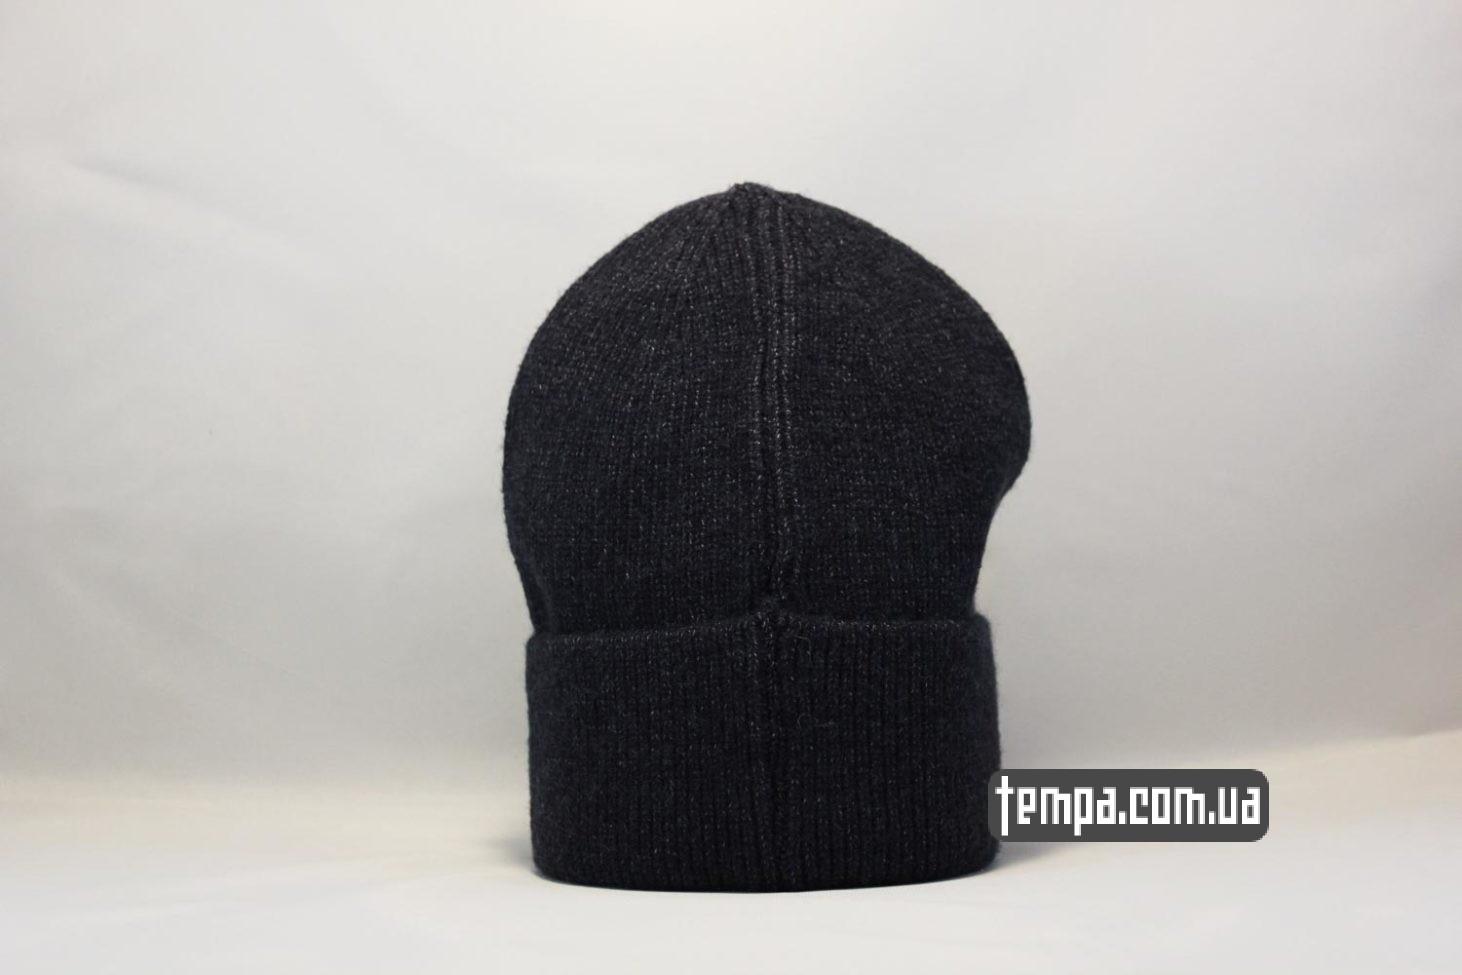 магазин шапок бини шапка beanie Champion black черная купить Украина